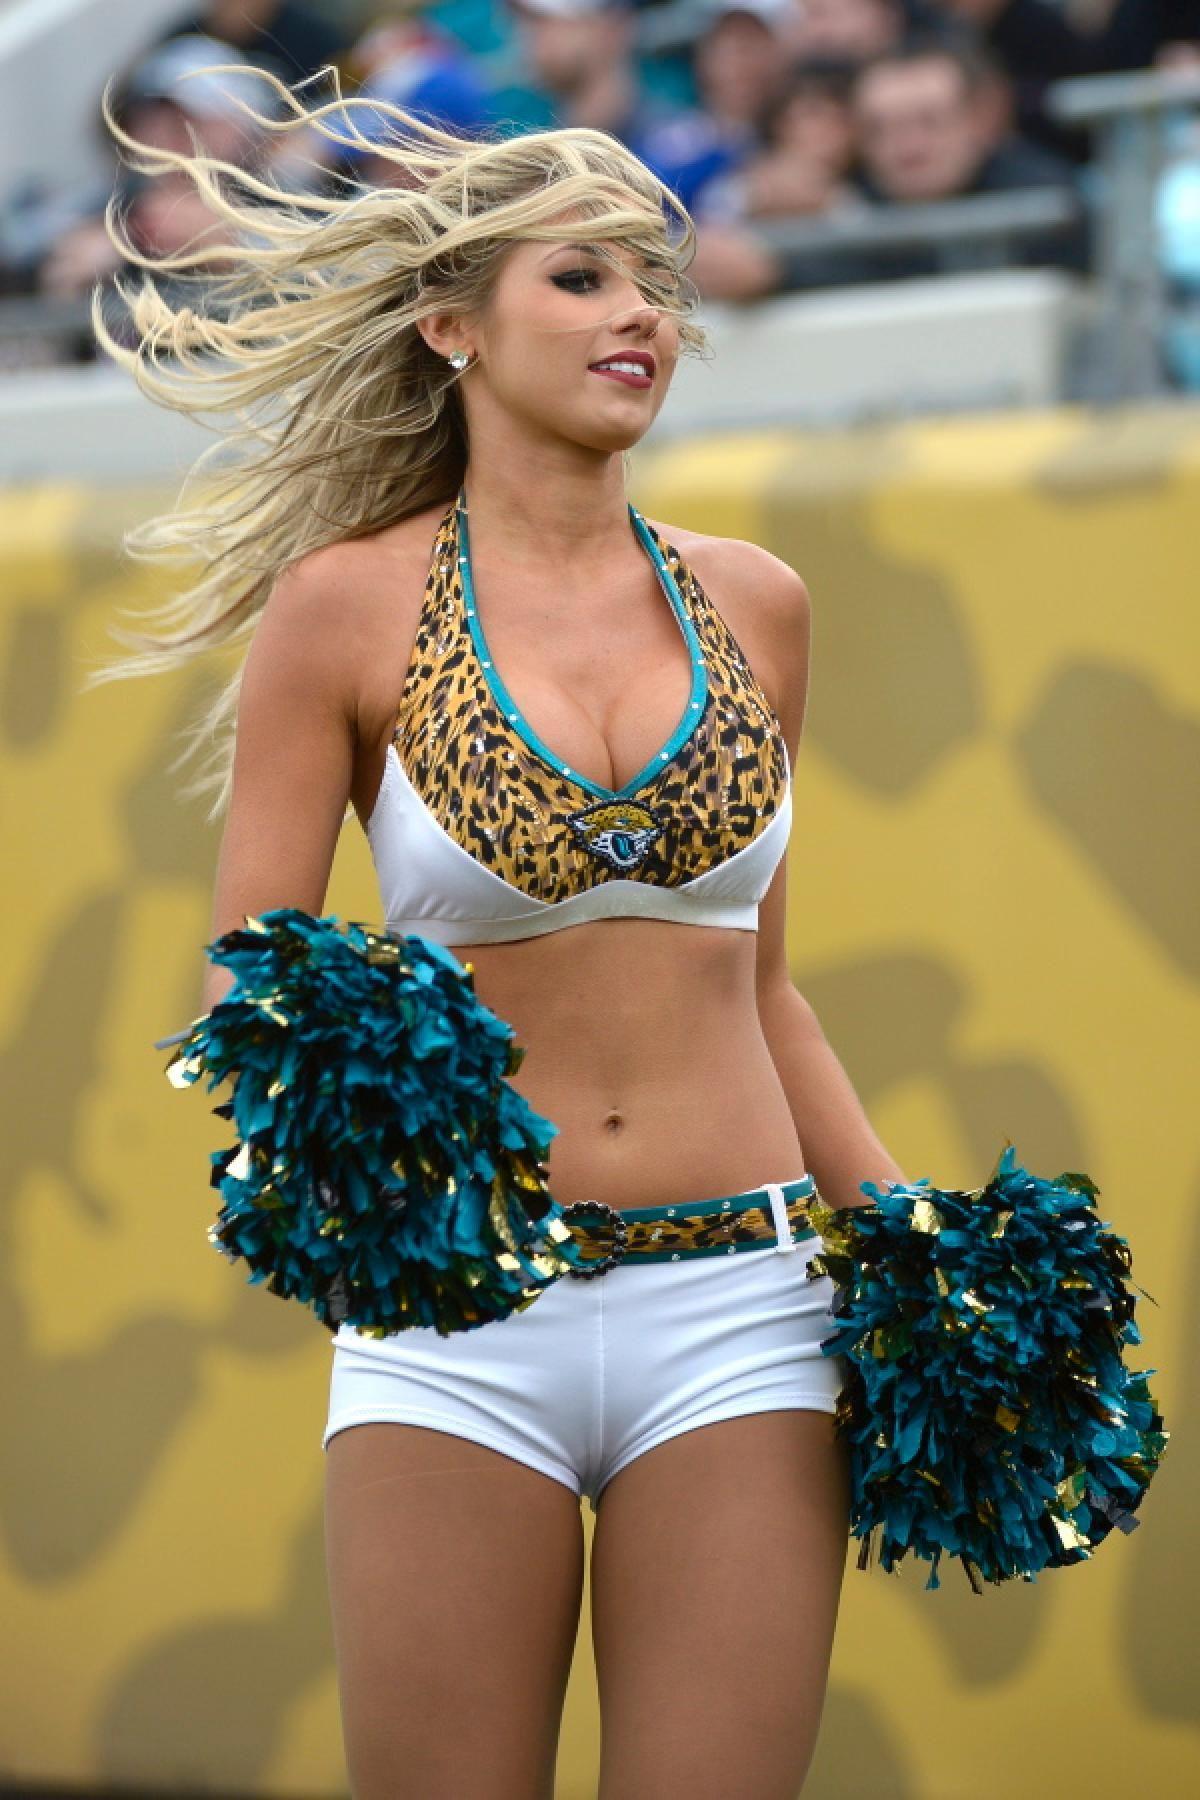 nfl cheerleaders show off their team spirit in week 15 nfl